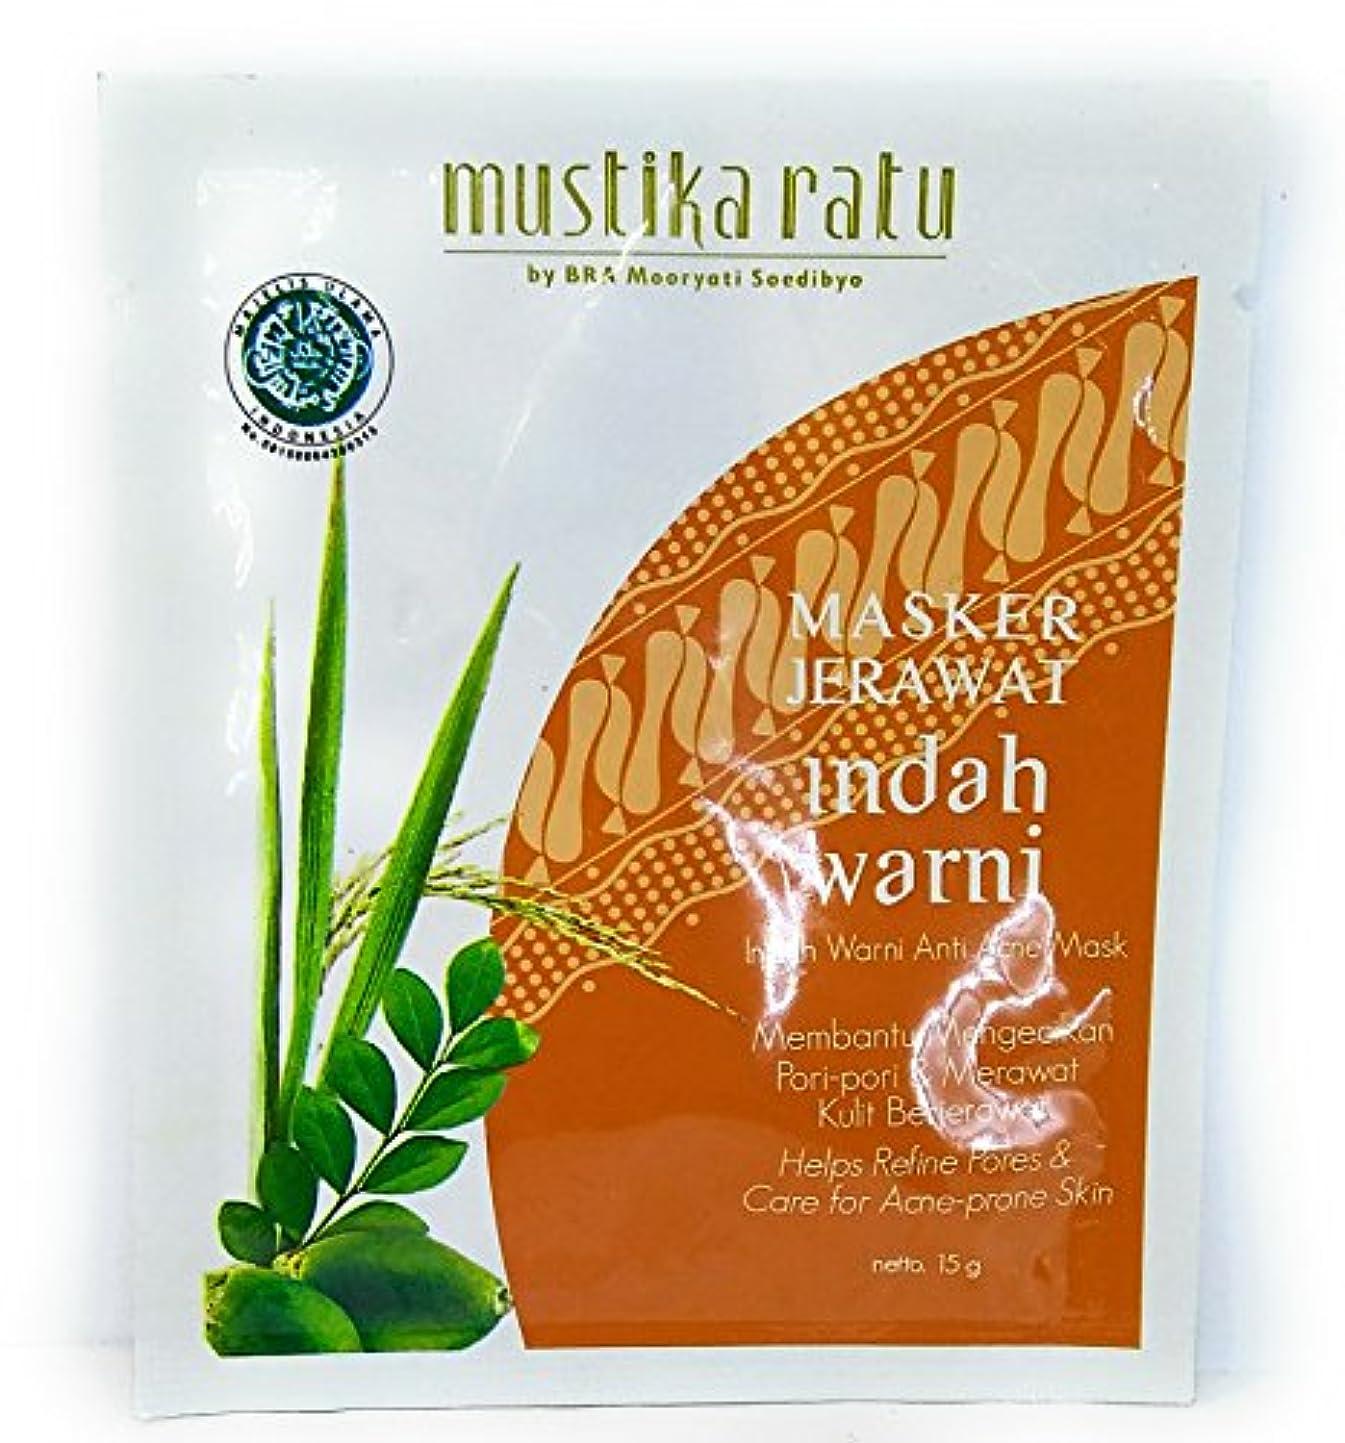 スリチンモイとんでもない結婚Mustika Ratu マスカーインダwarniアンチアクネマスク、15グラム(10パック)